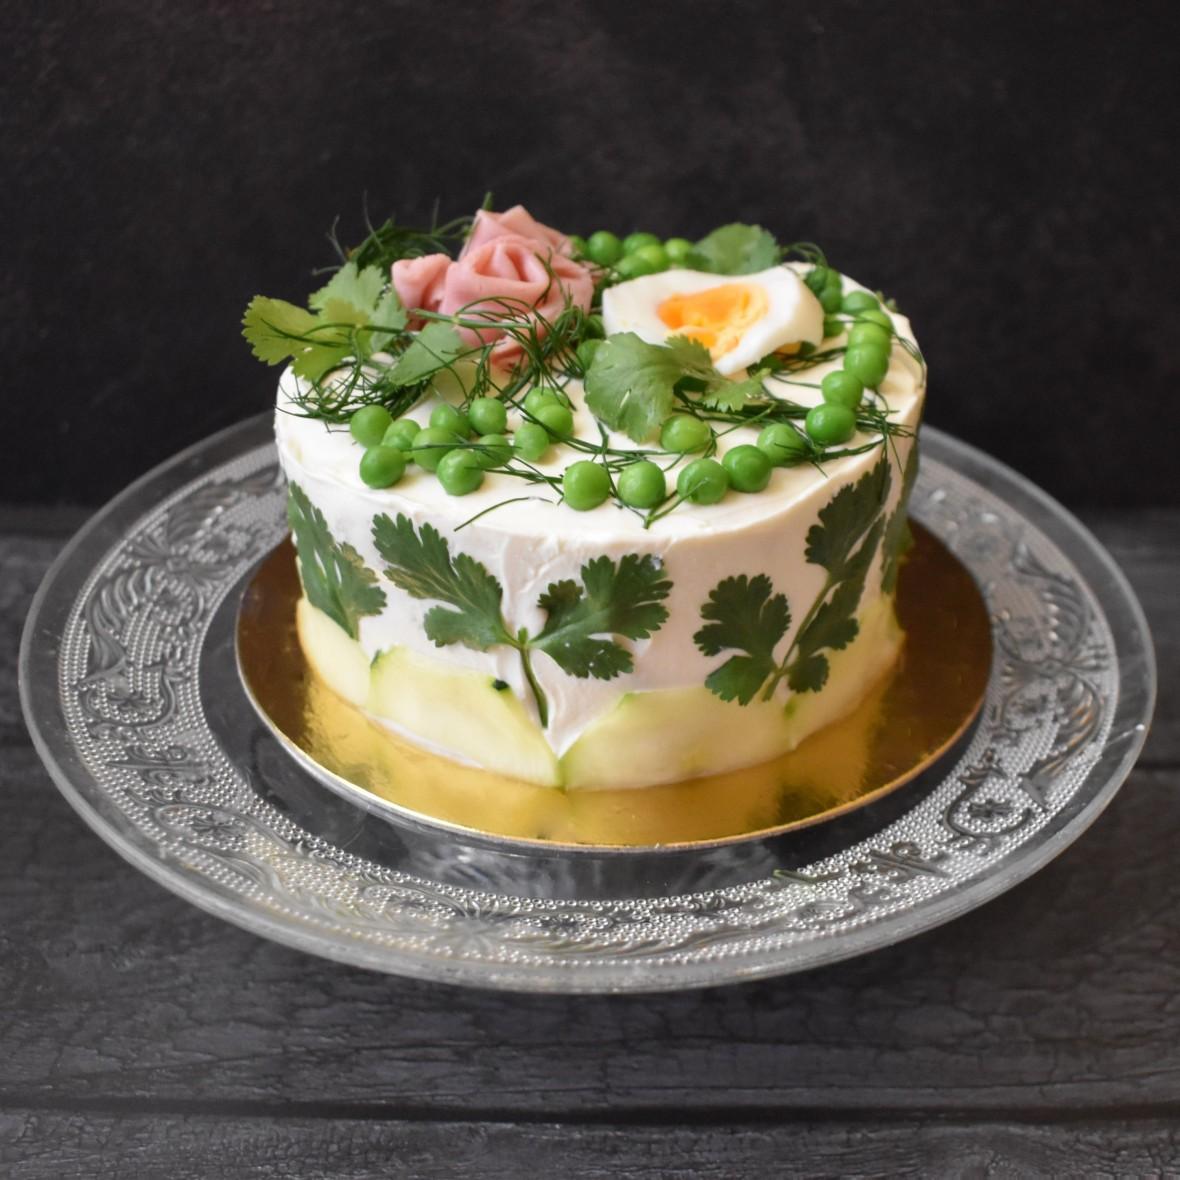 Smörgåstårta, Swedish sandwich cake